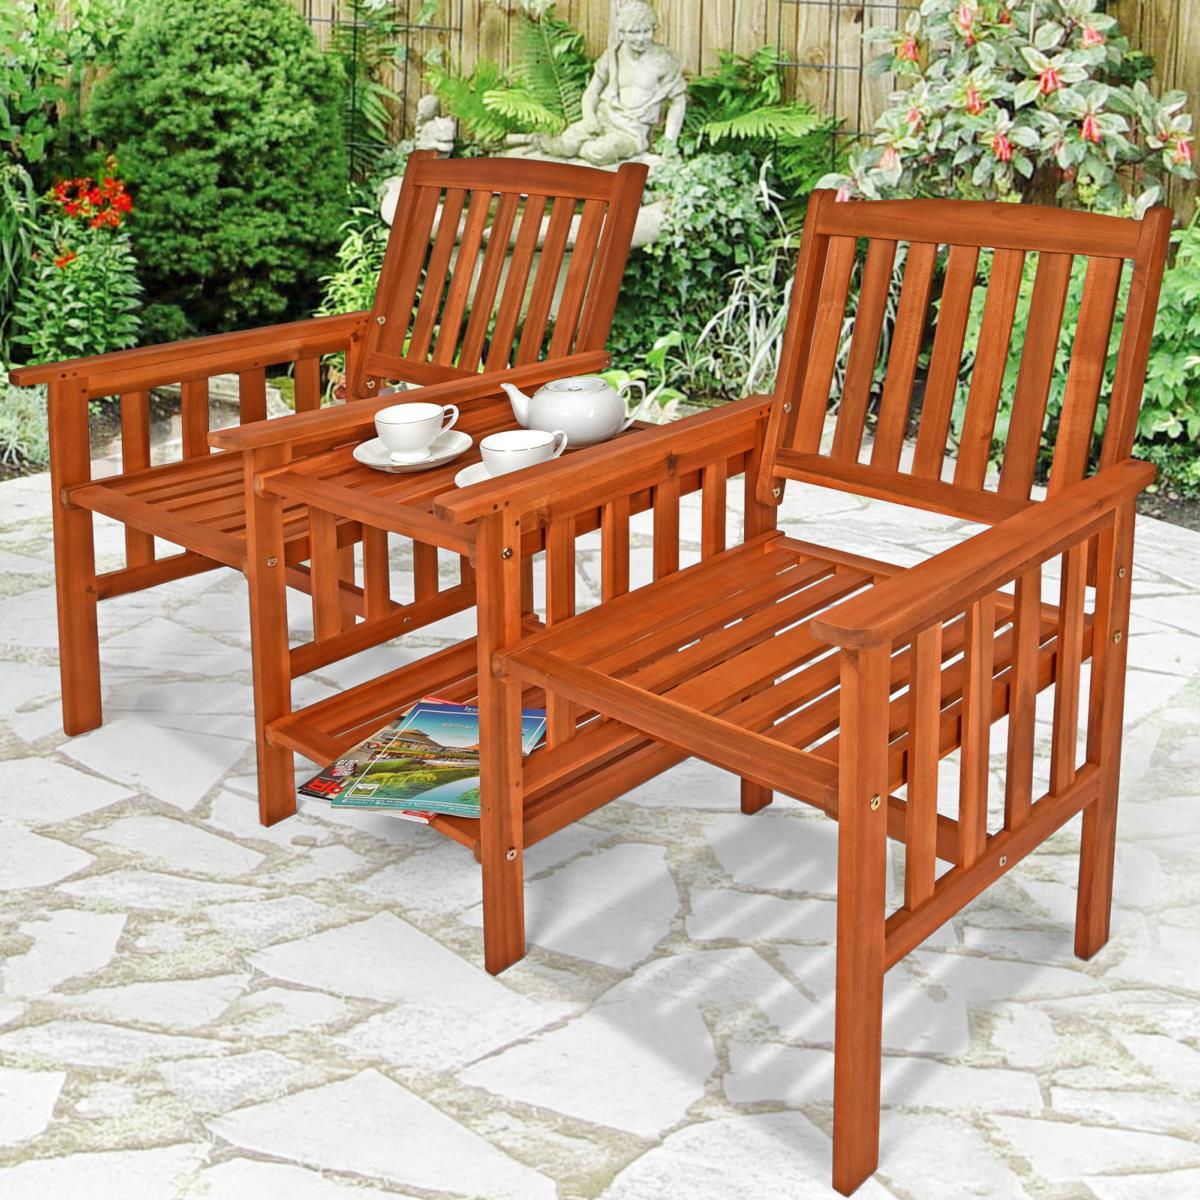 Banc de jardin double avec table en acacia - Table de jardin avec banc ...